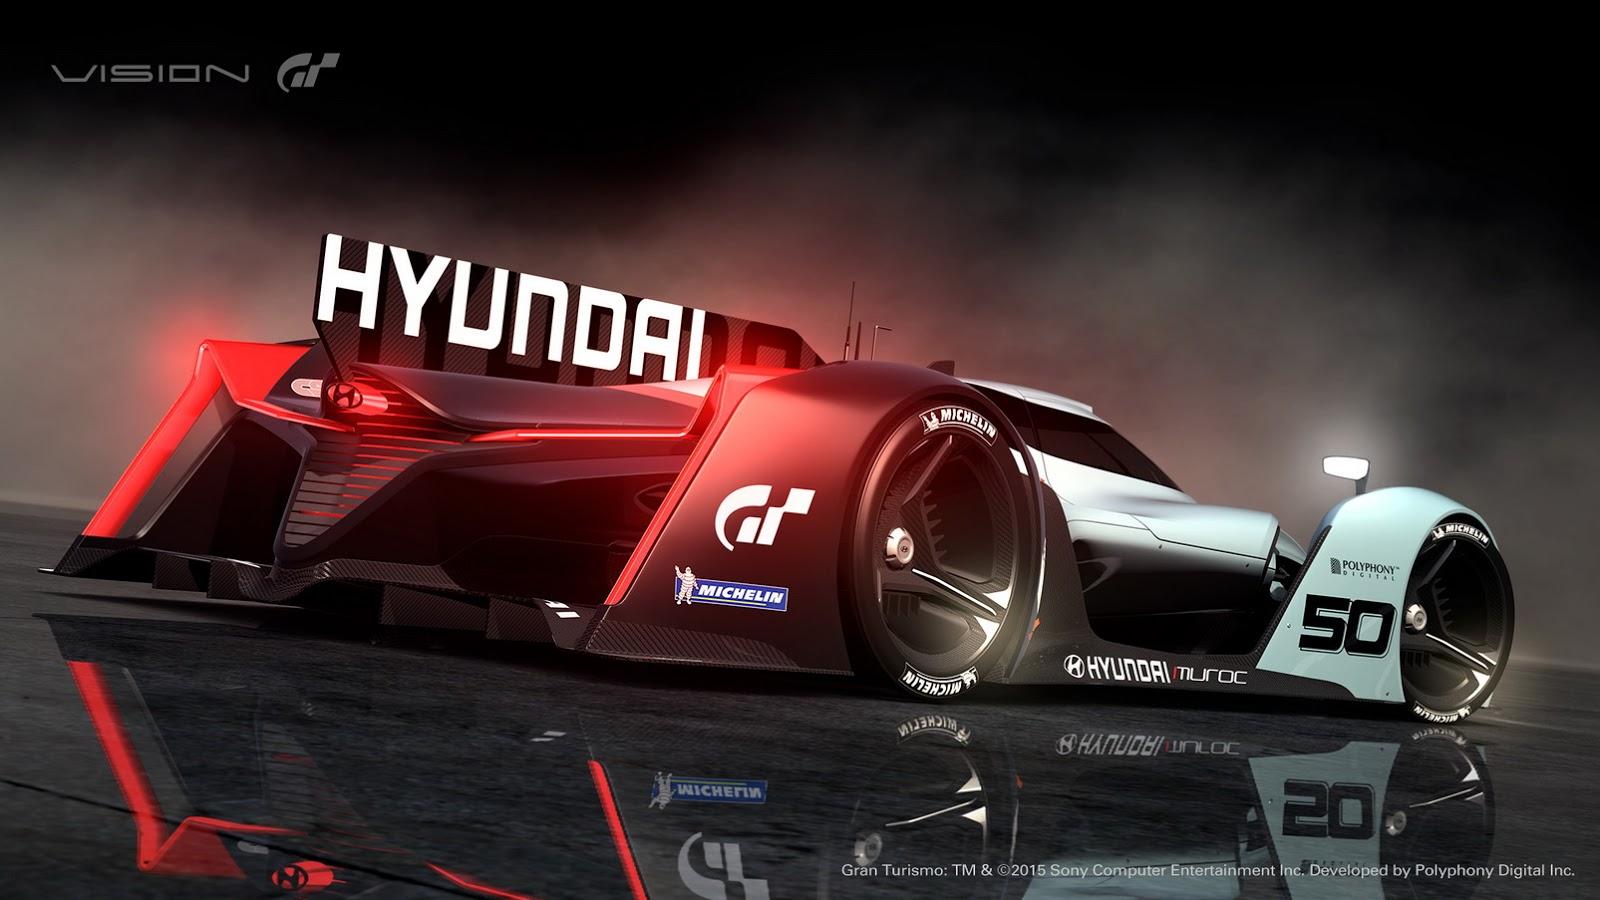 hyundai-n-2025-vision-gran-turismo-2015_0-100_19